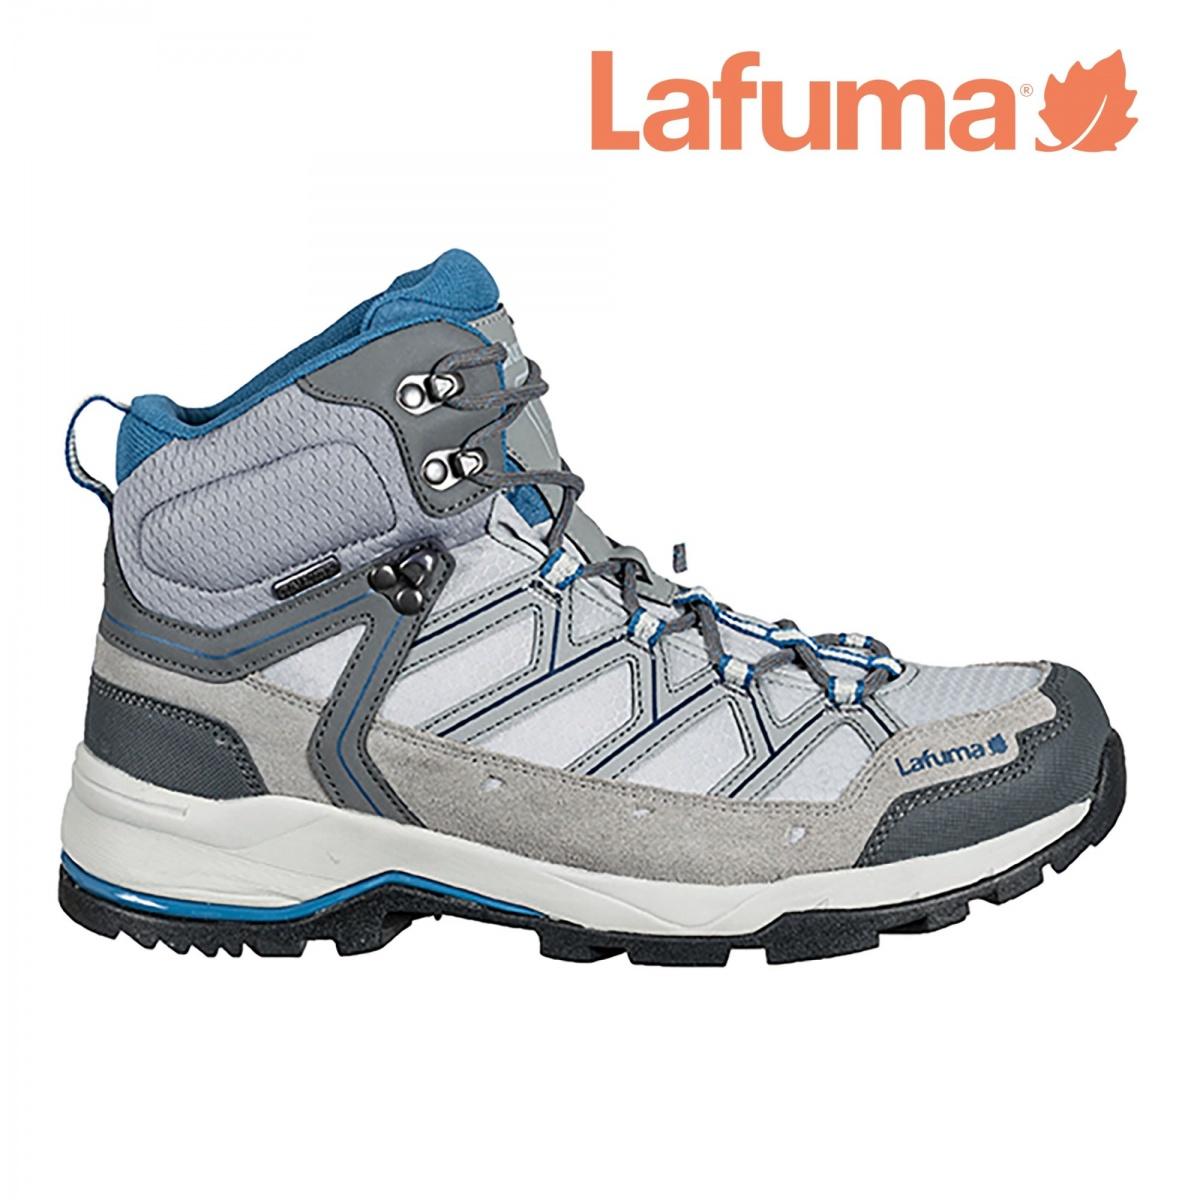 ac47514638d dámská vyšší trekkingová obuv LAFUMA - LD Aymara Climactive empty